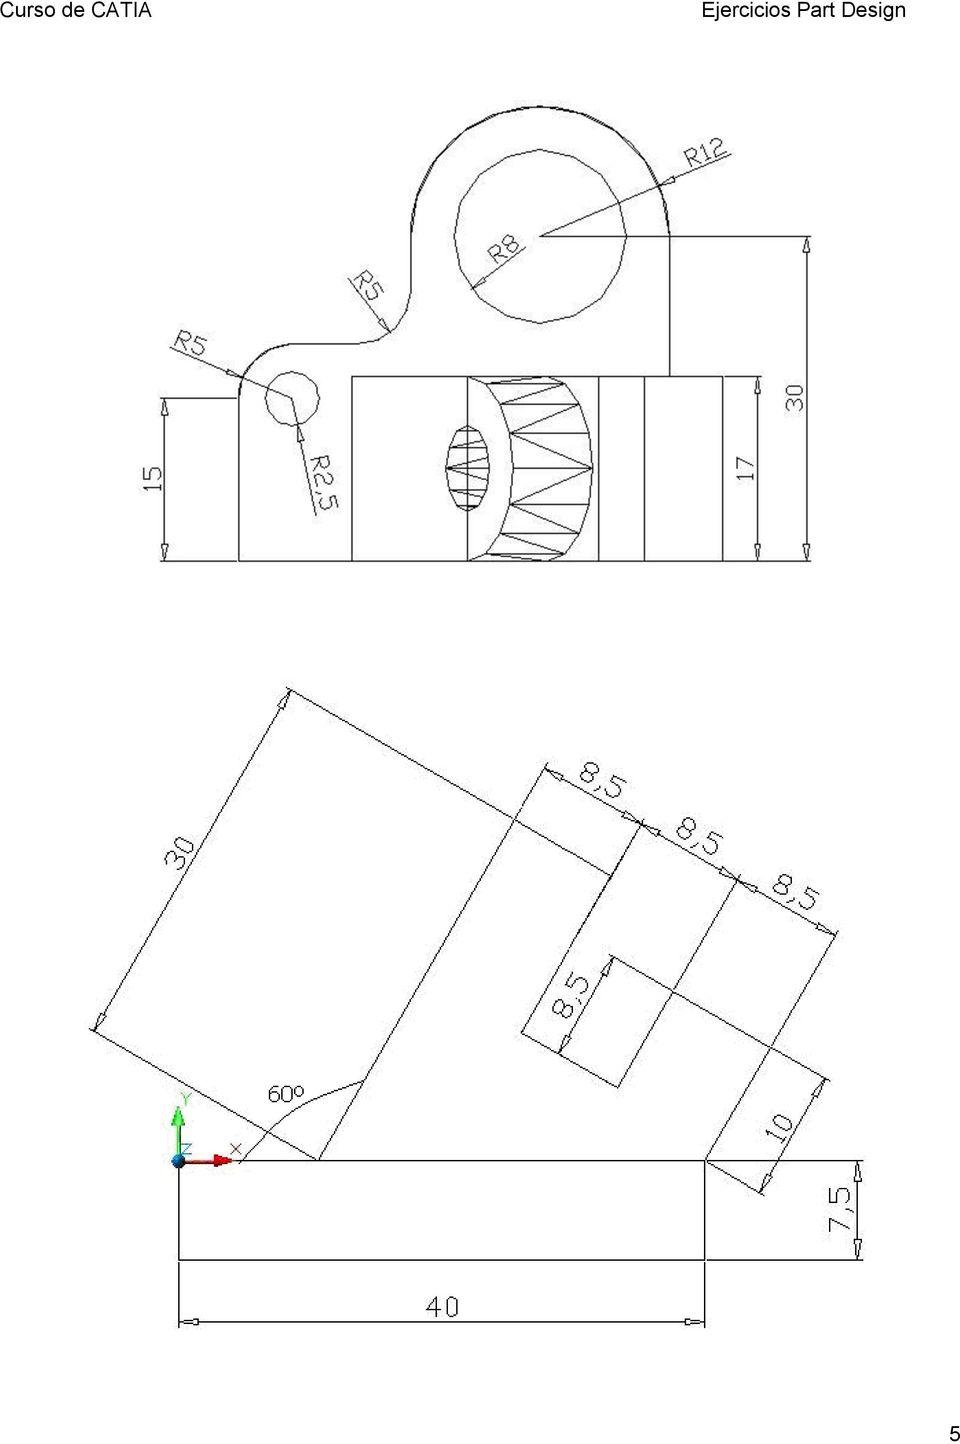 Ejercicios de Autocad 2D y 3D Conceptos Bsicos t